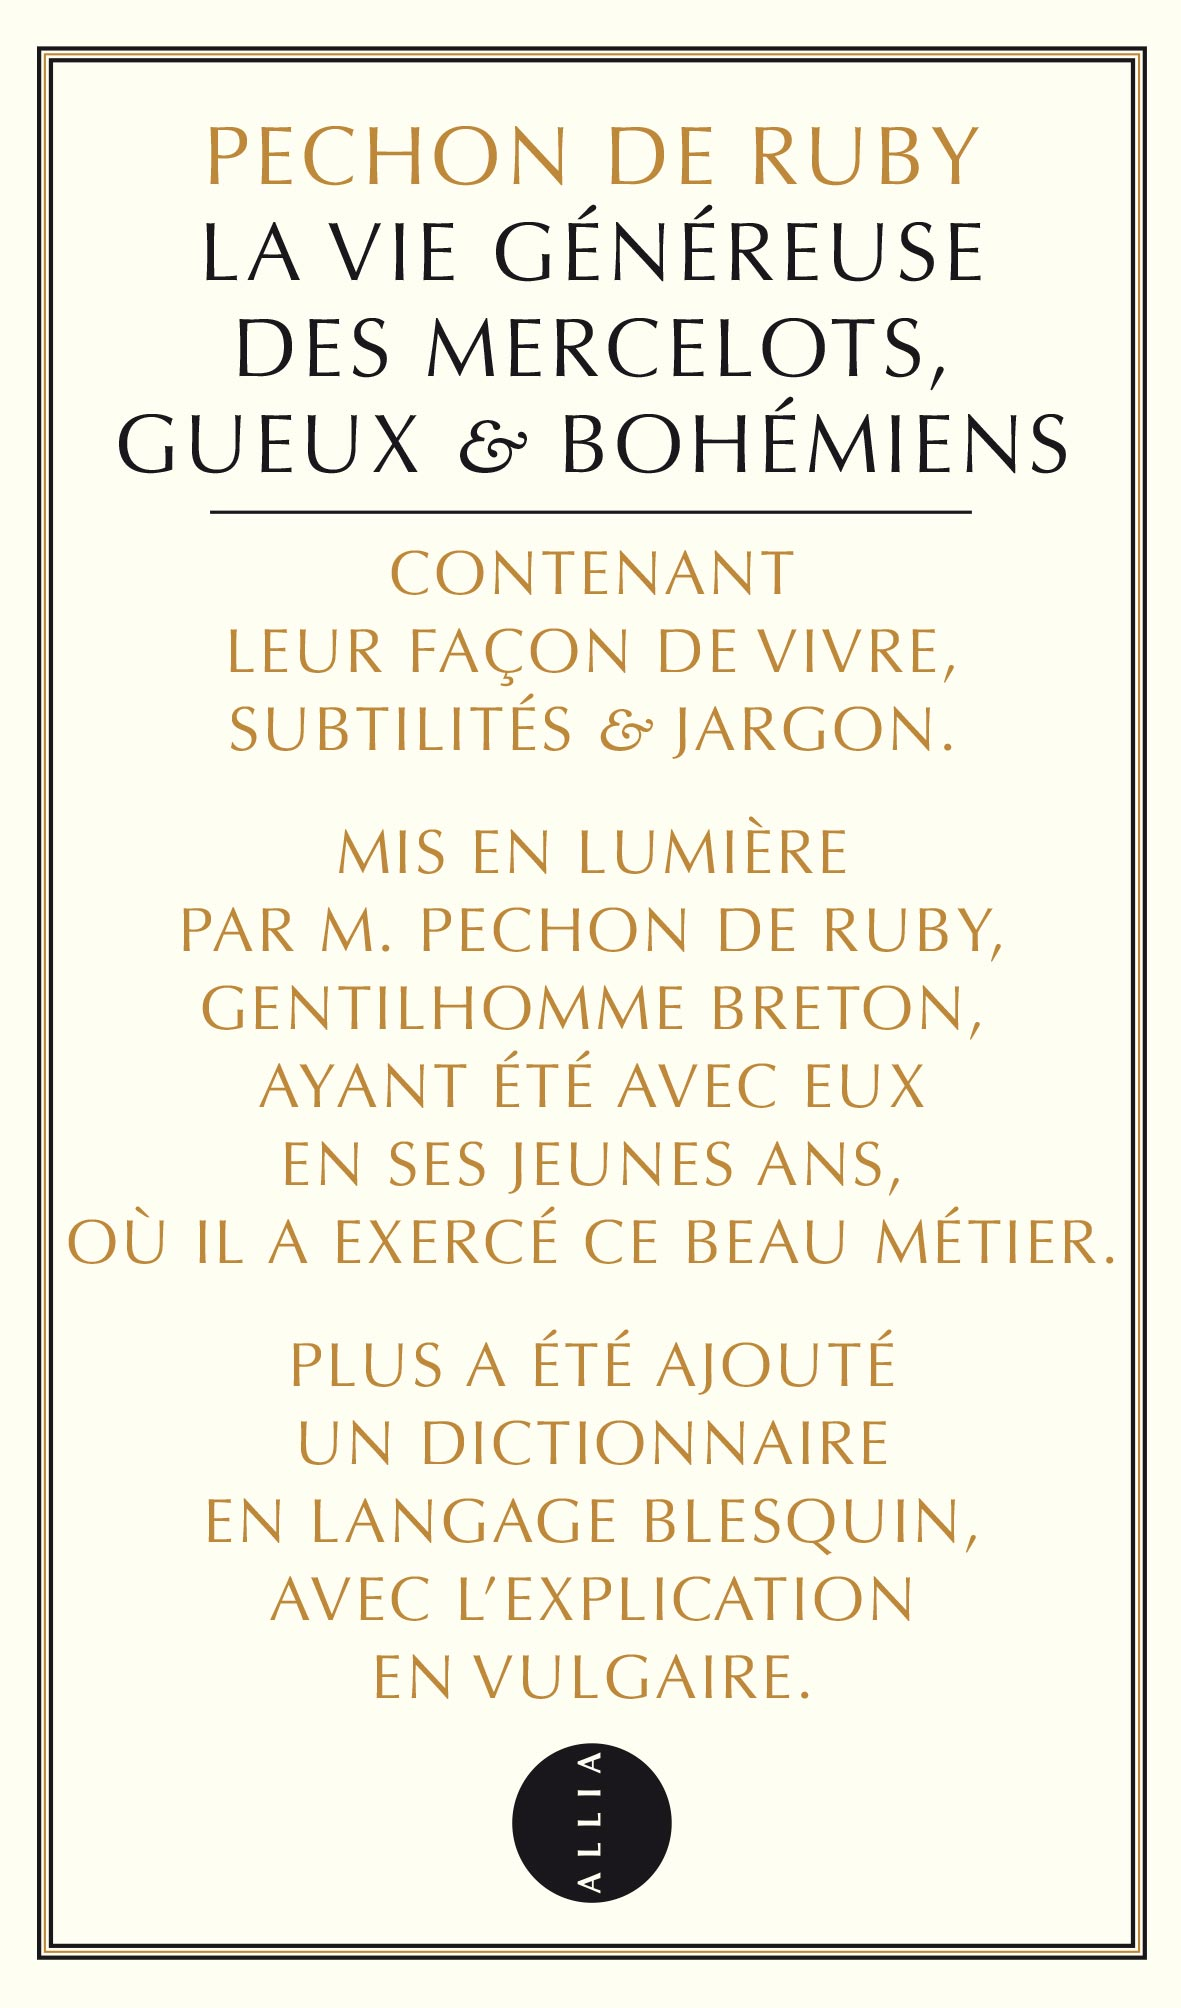 Pechon de Ruby, La Vie généreuse des Mercelots, Gueux & Bohémiens